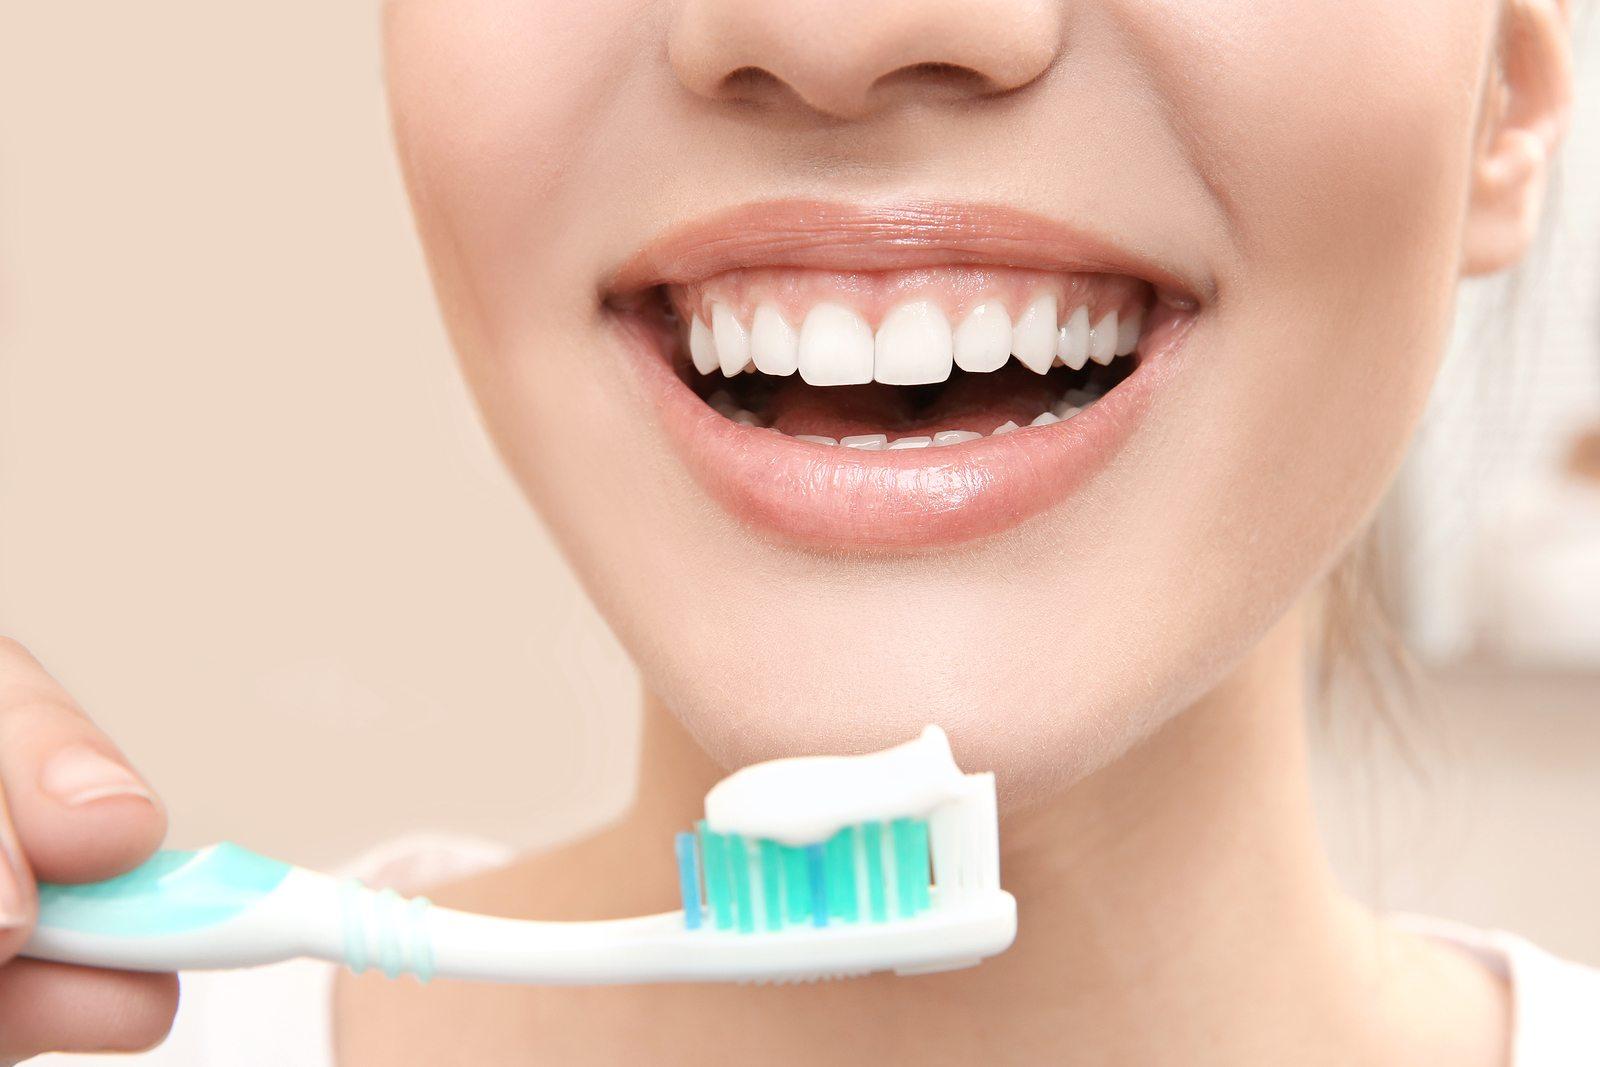 Diş Fırçası Seçiminde Nelere Dikkat Edilmeli?